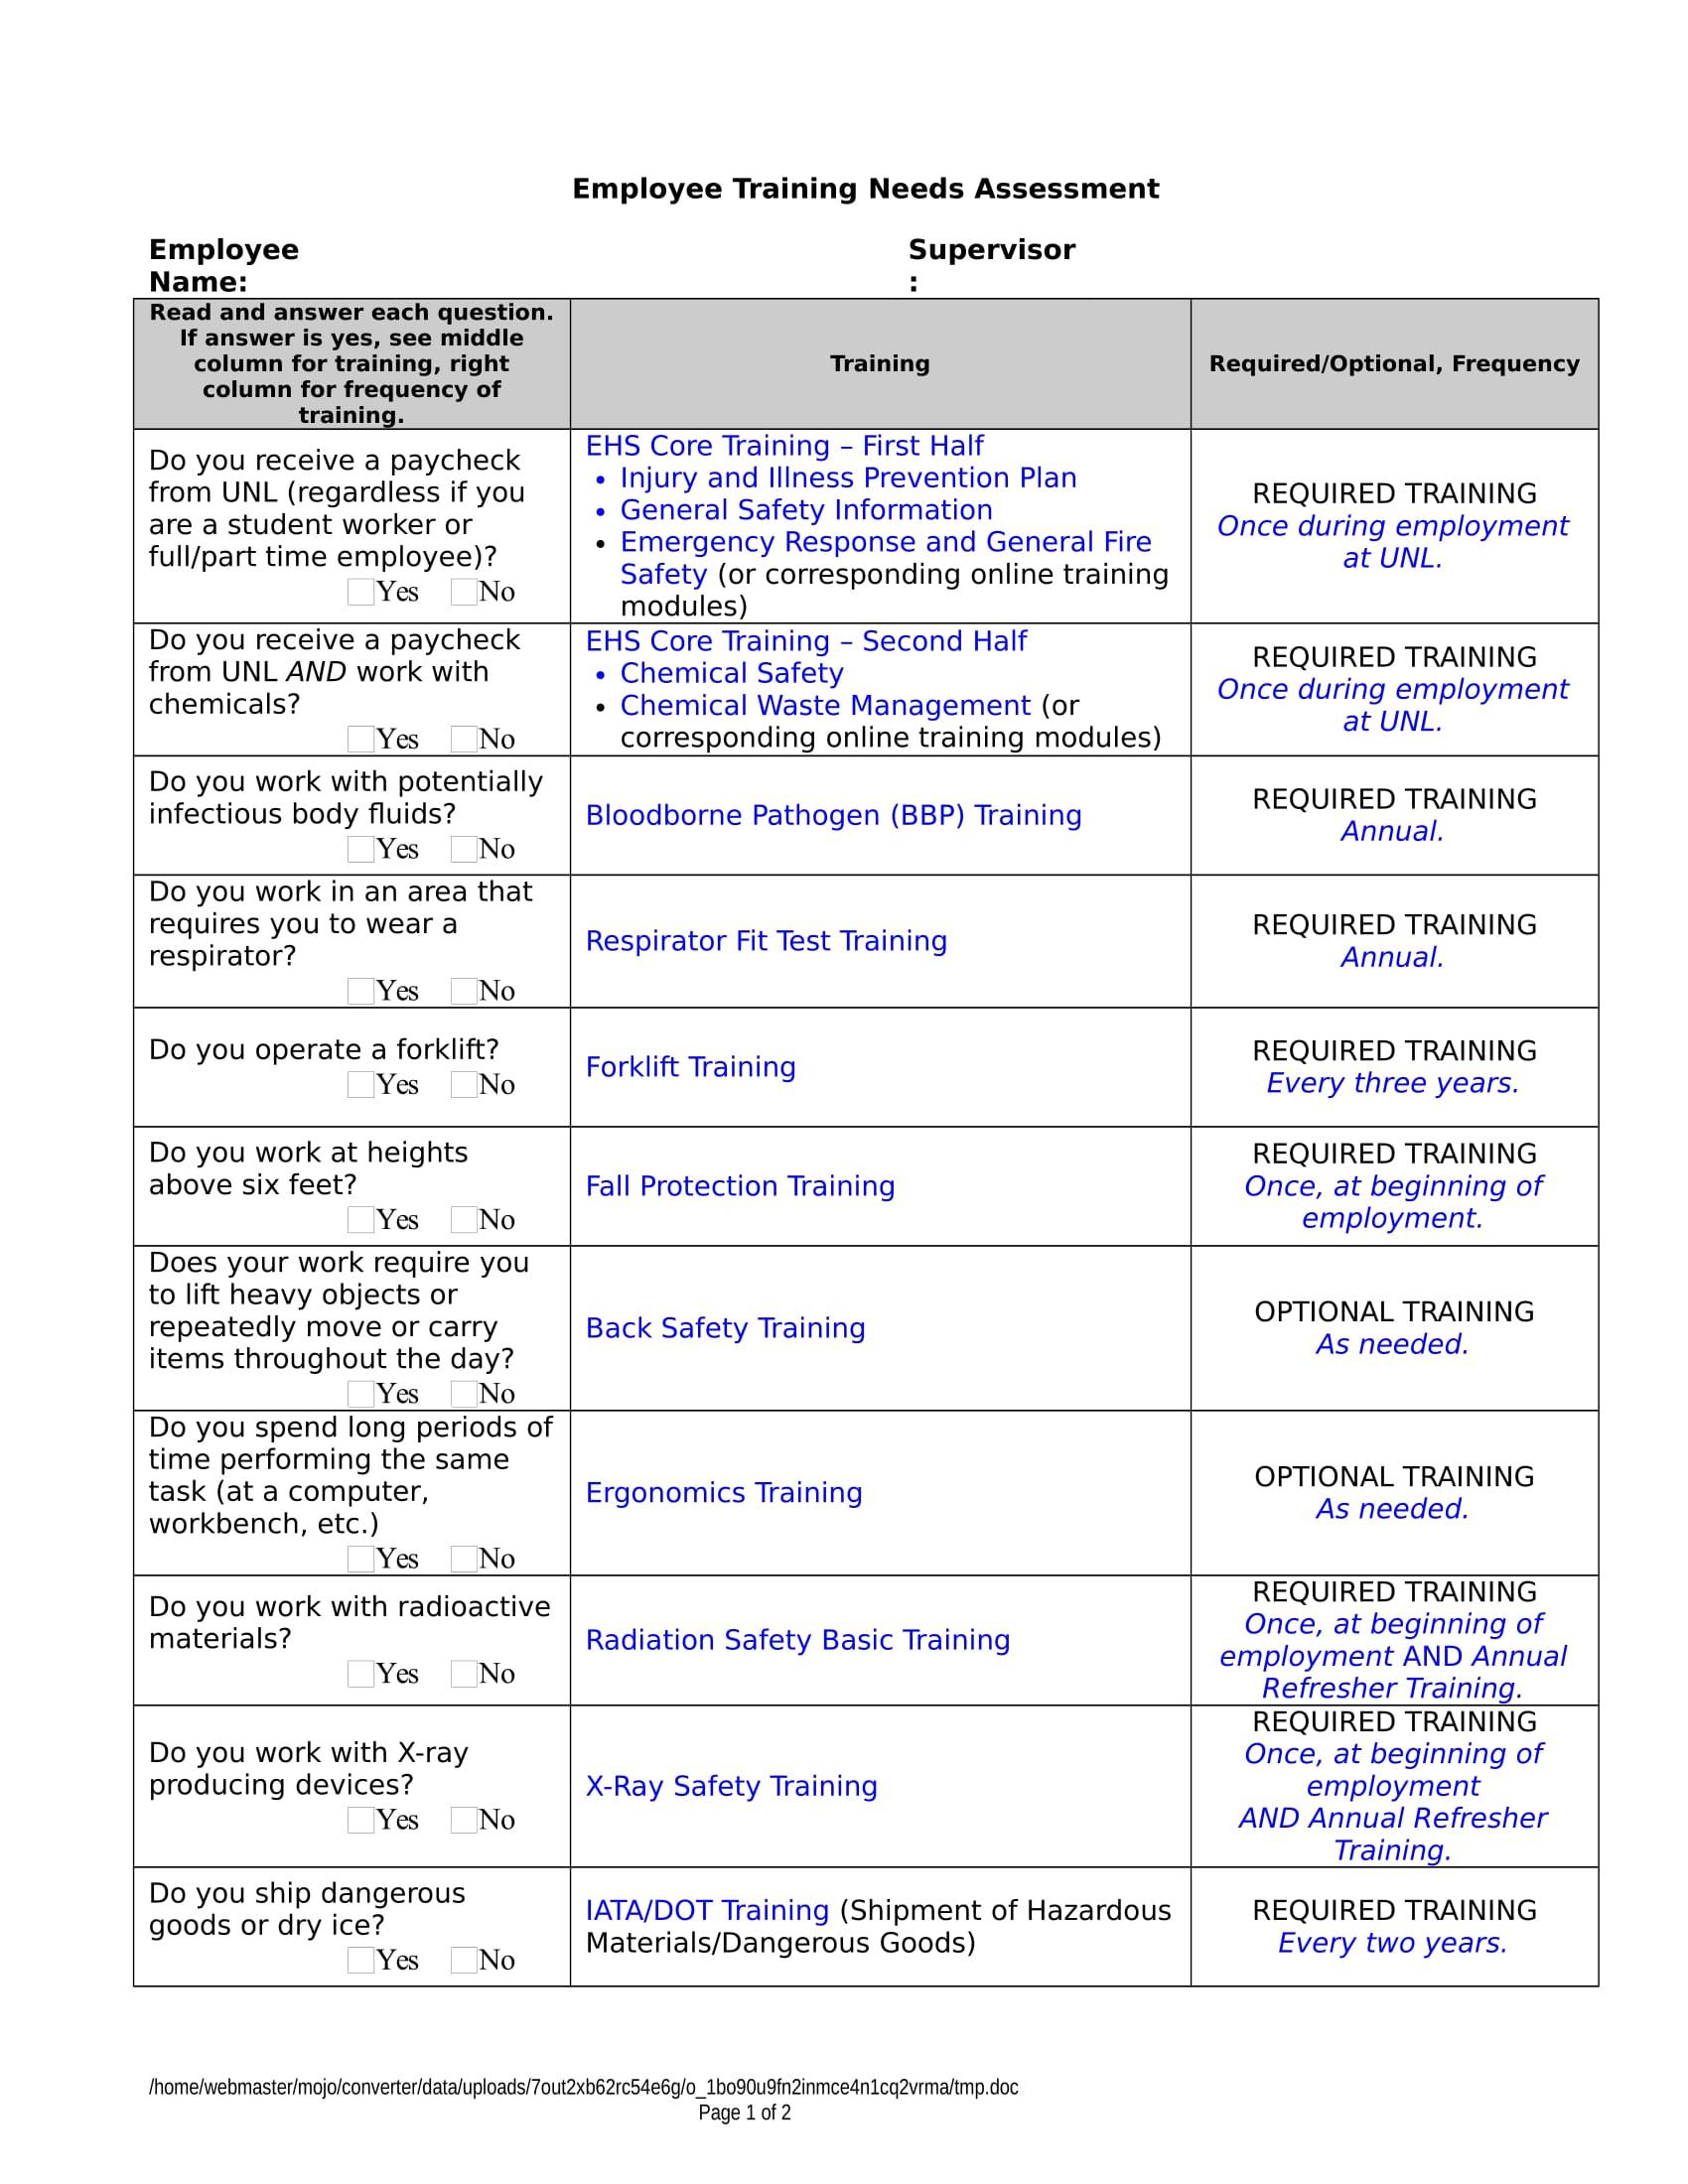 personnelsafetytrainingneedsassessmentform 1